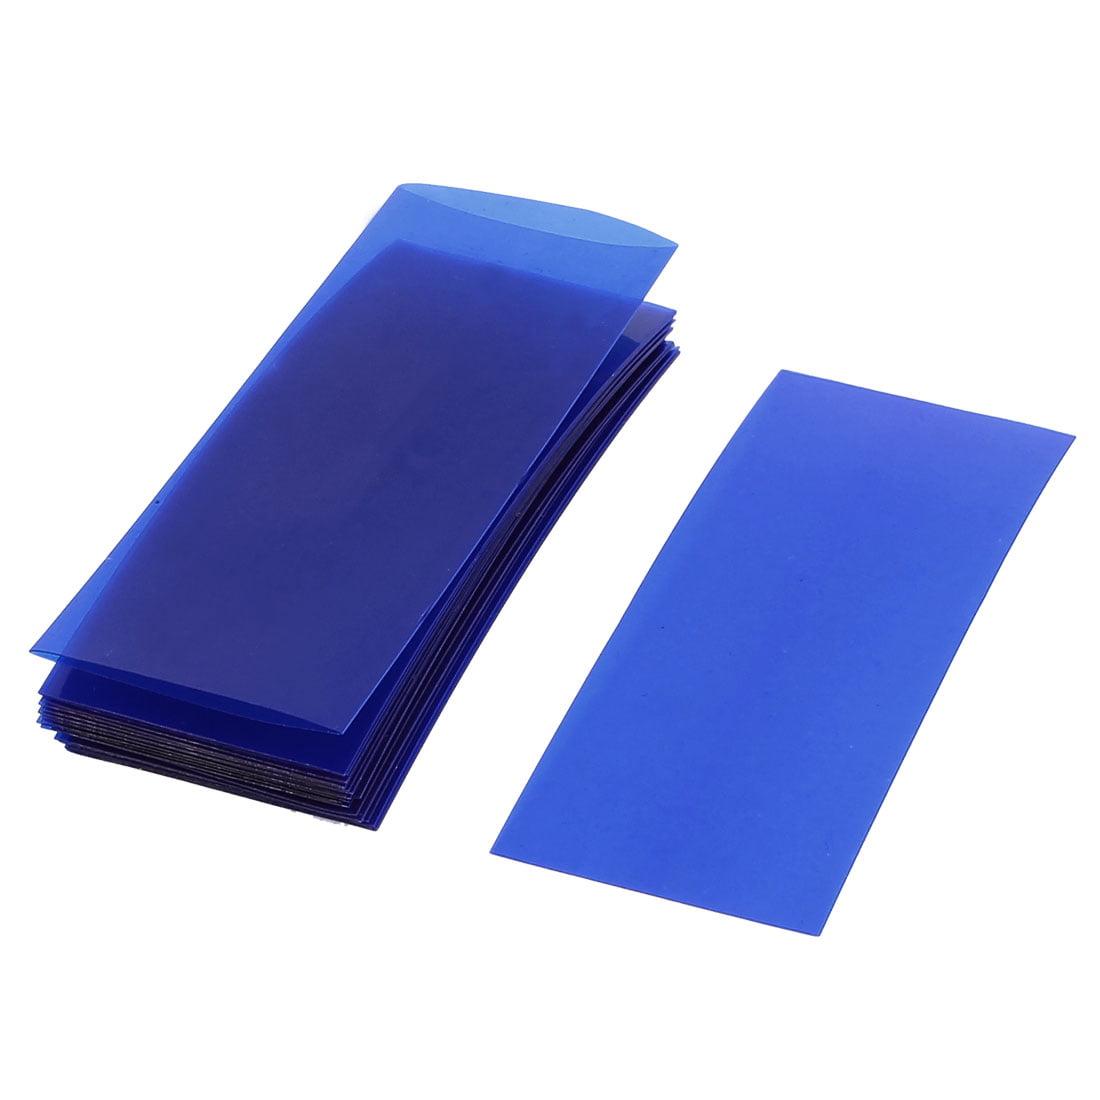 Unique Bargains 20pcs 73mm x 18.5mm PVC Heat Shrink Tubing Clear Blue for 1 x 18650 Battery